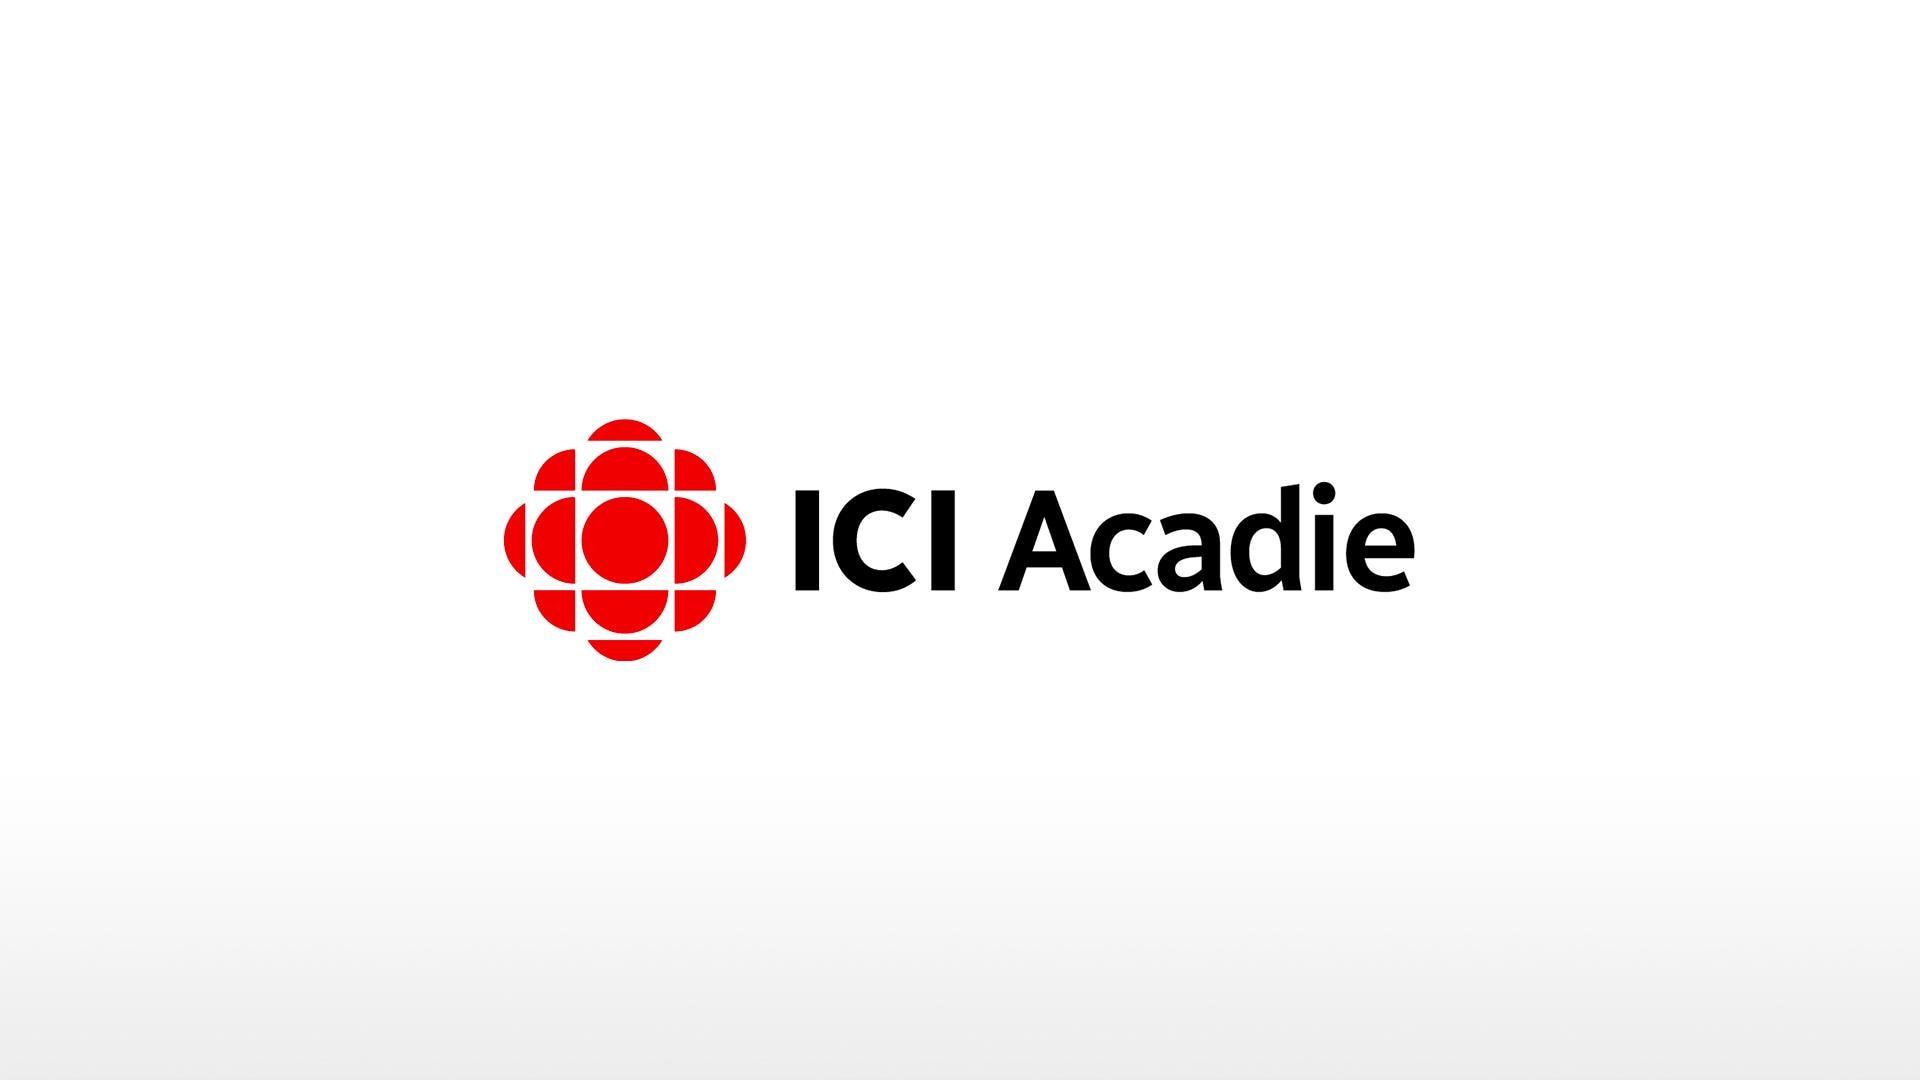 Abonnez-vous pour recevoir chaque jour vos nouvelles régionales d'ICI Acadie.